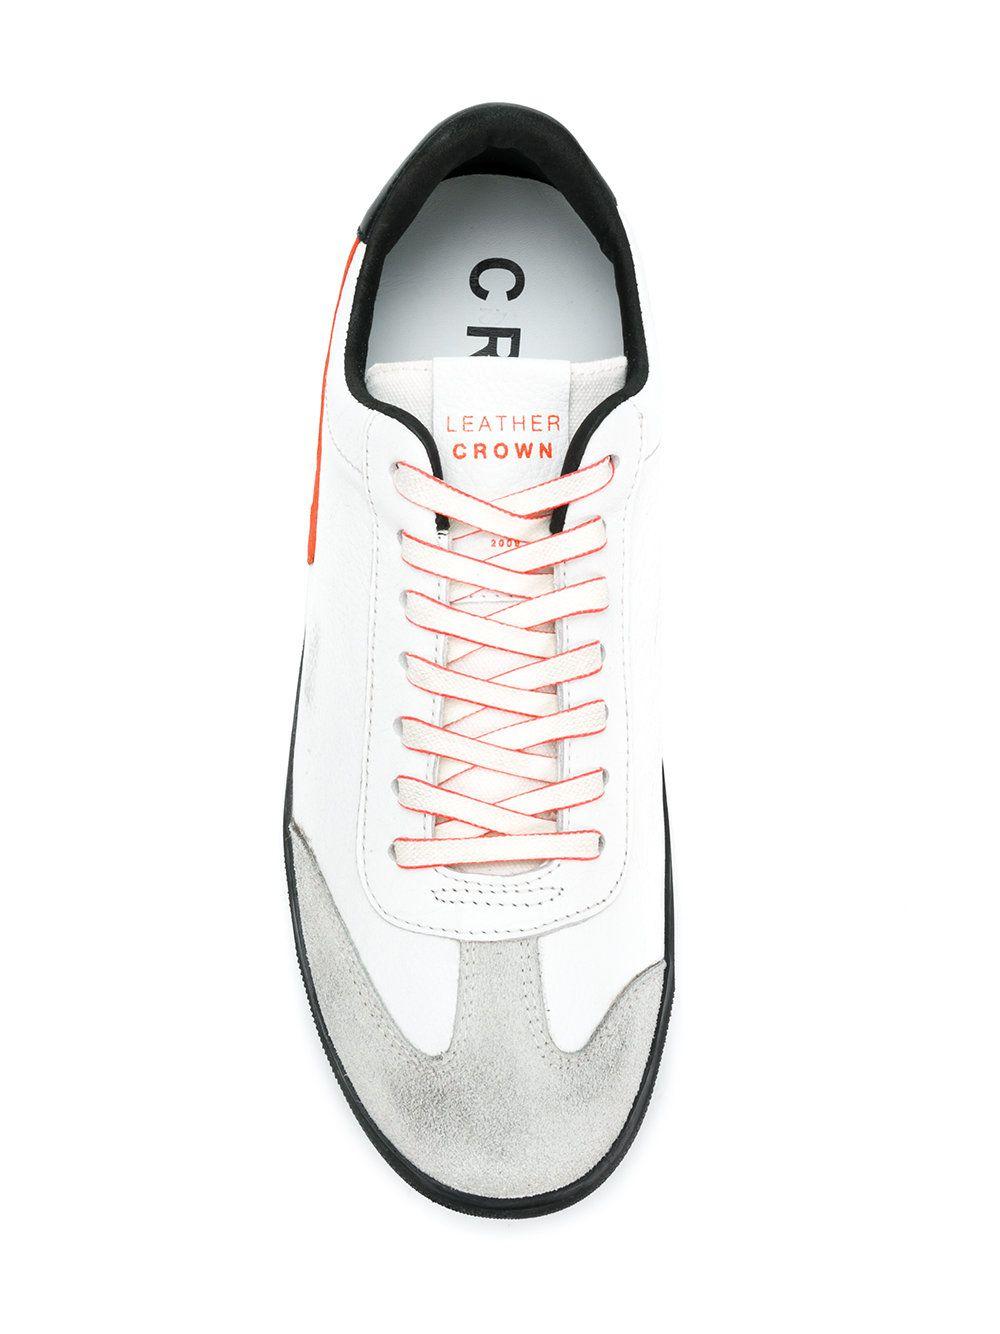 11c8d6ebe4d9 https   www.farfetch.com shopping men leather-crown-cervo-sneakers ...